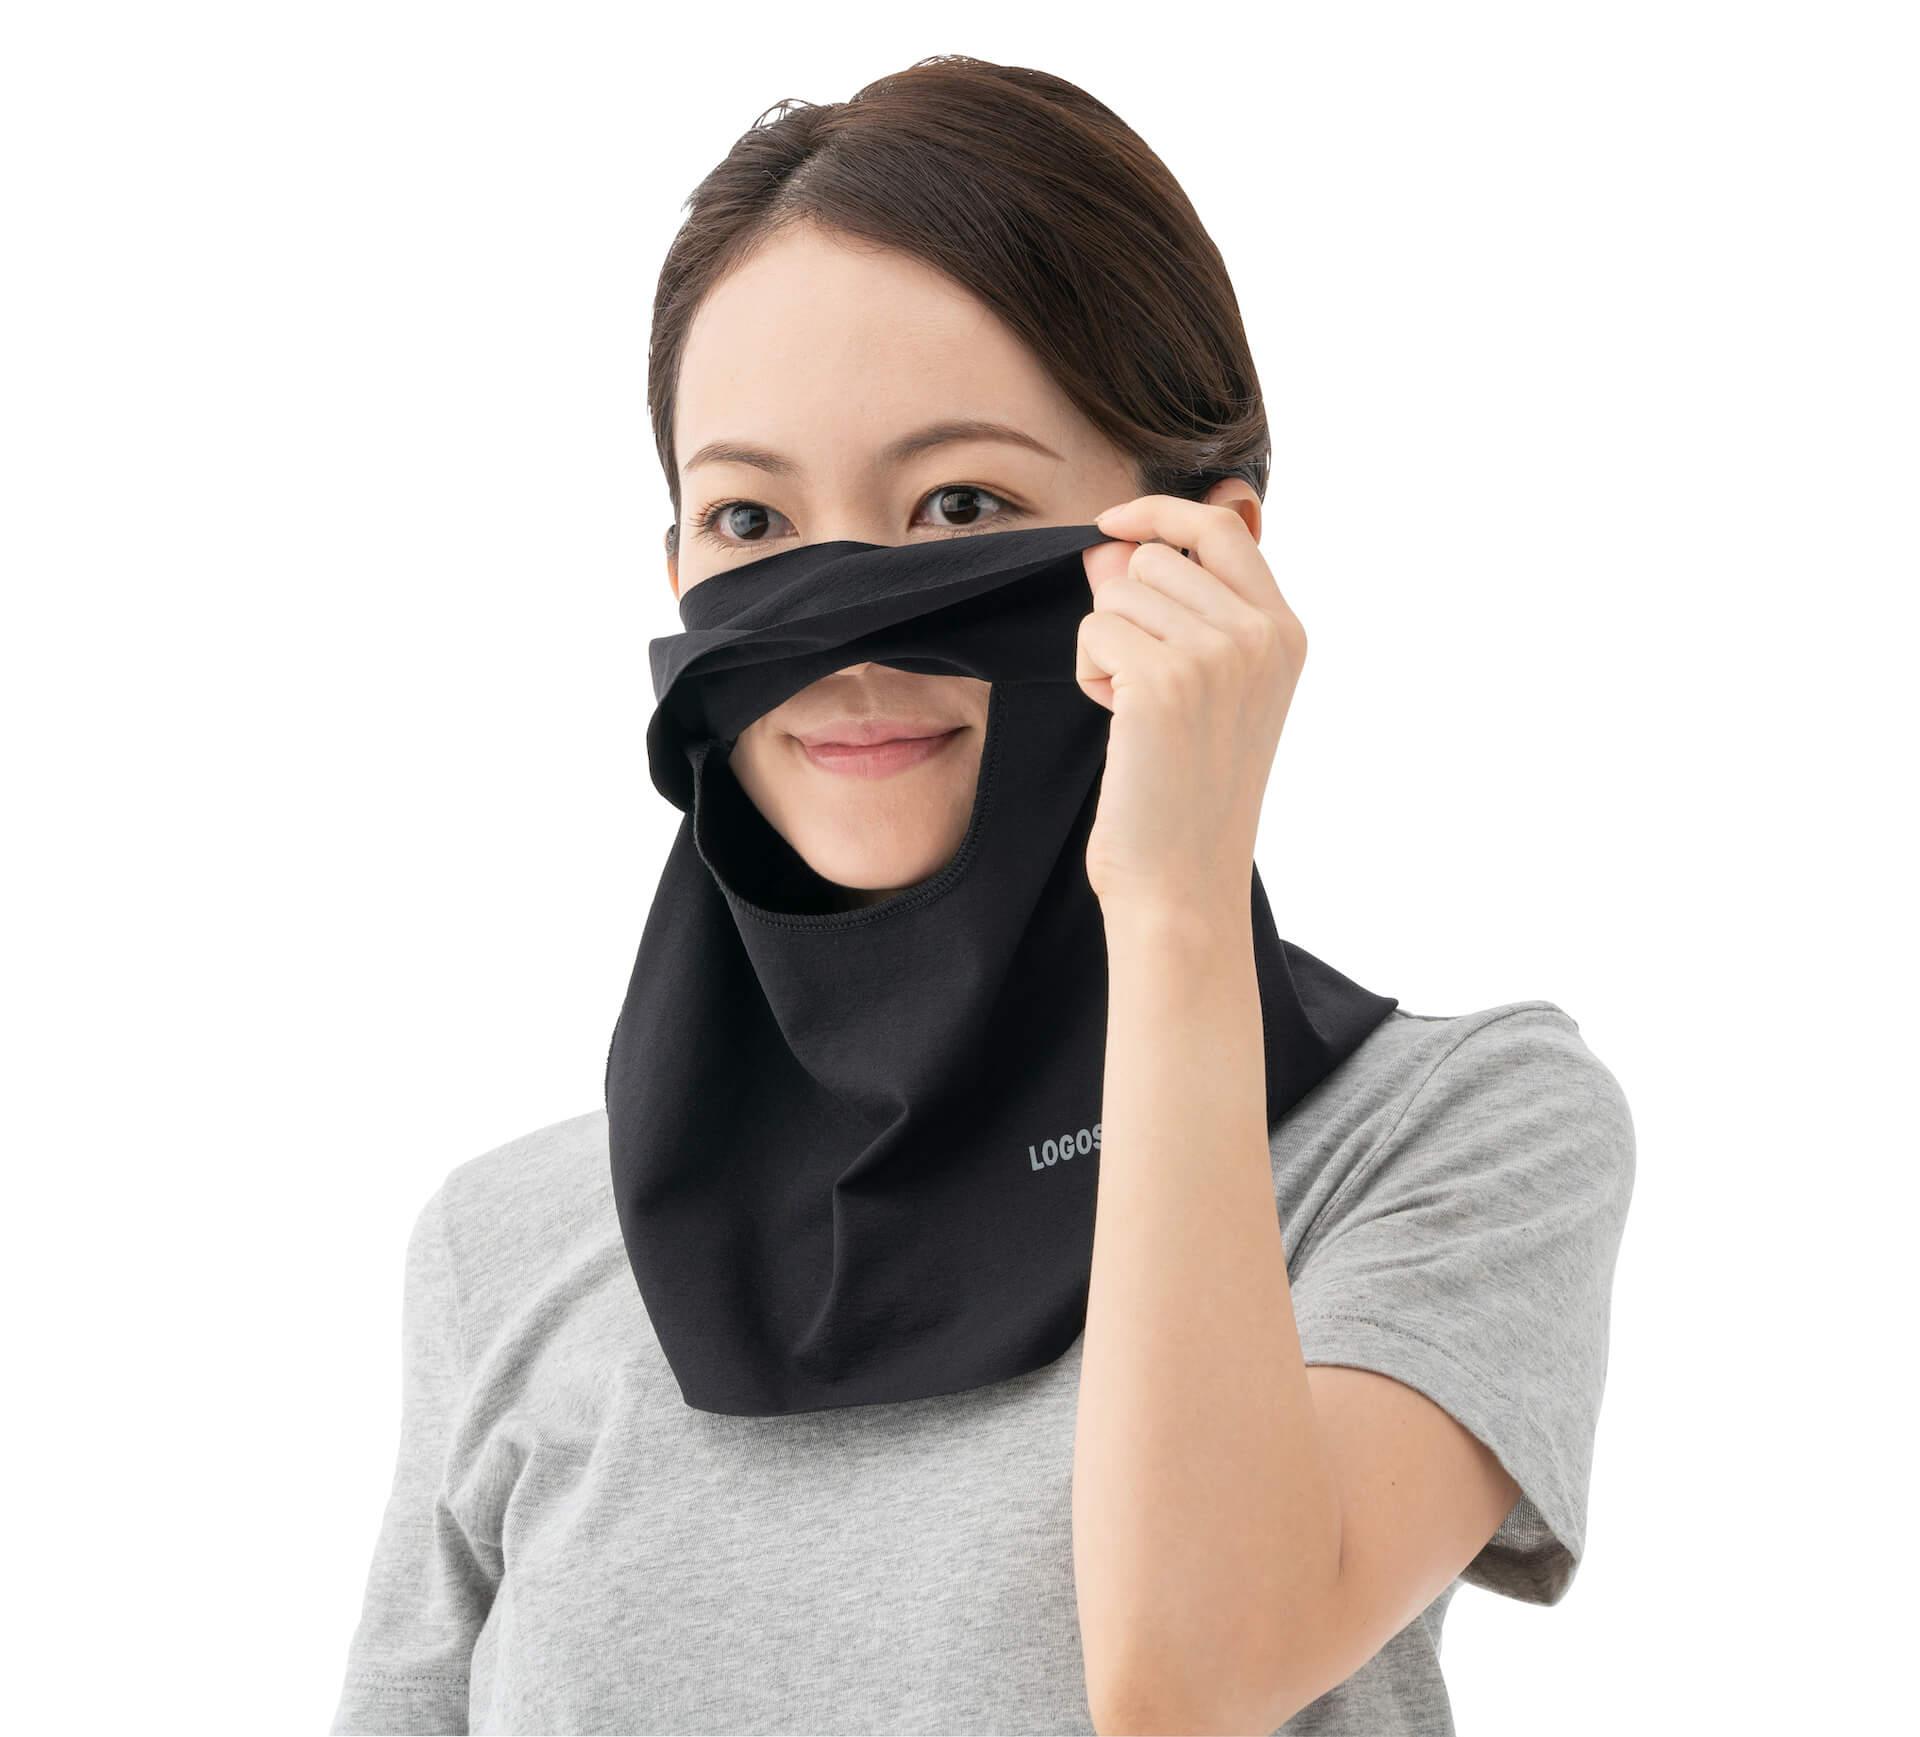 ひんやり素材のマスクで夏も快適!品切れ続出のLOGOS『美フィットスキン UVフェイスマスク』が追加販売決定 lf200609_.logos_mask_04